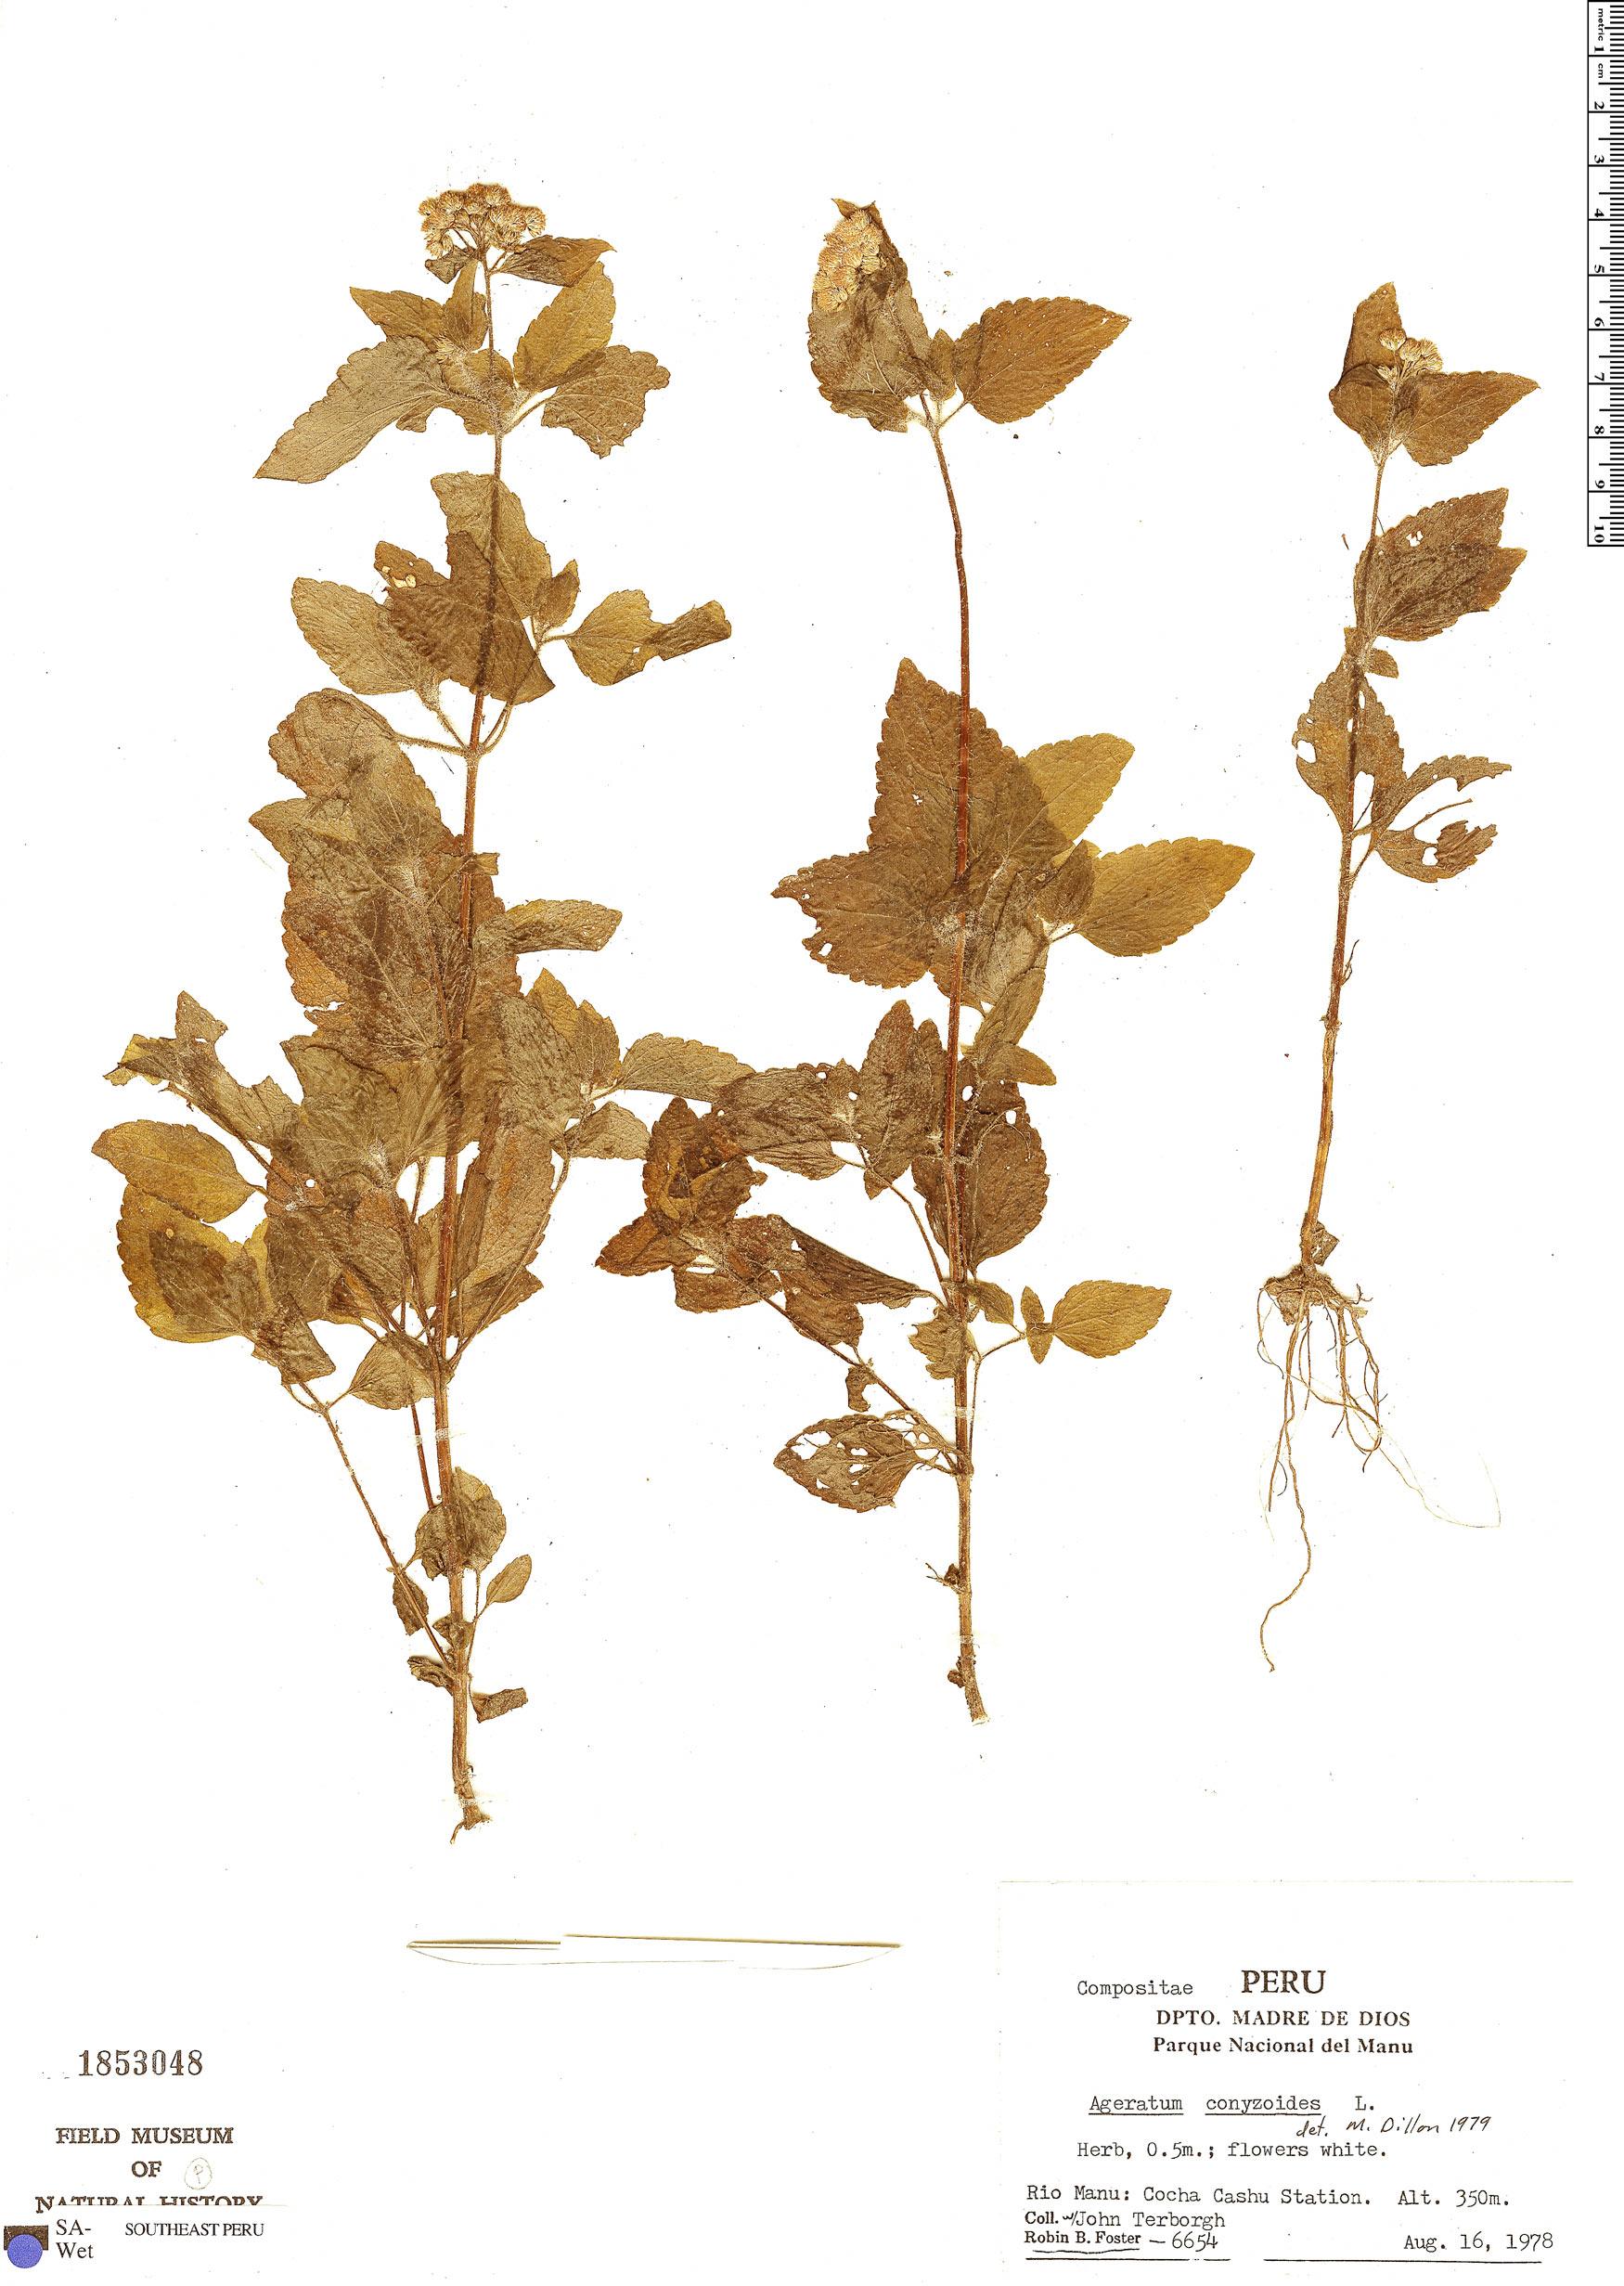 Specimen: Ageratum conyzoides